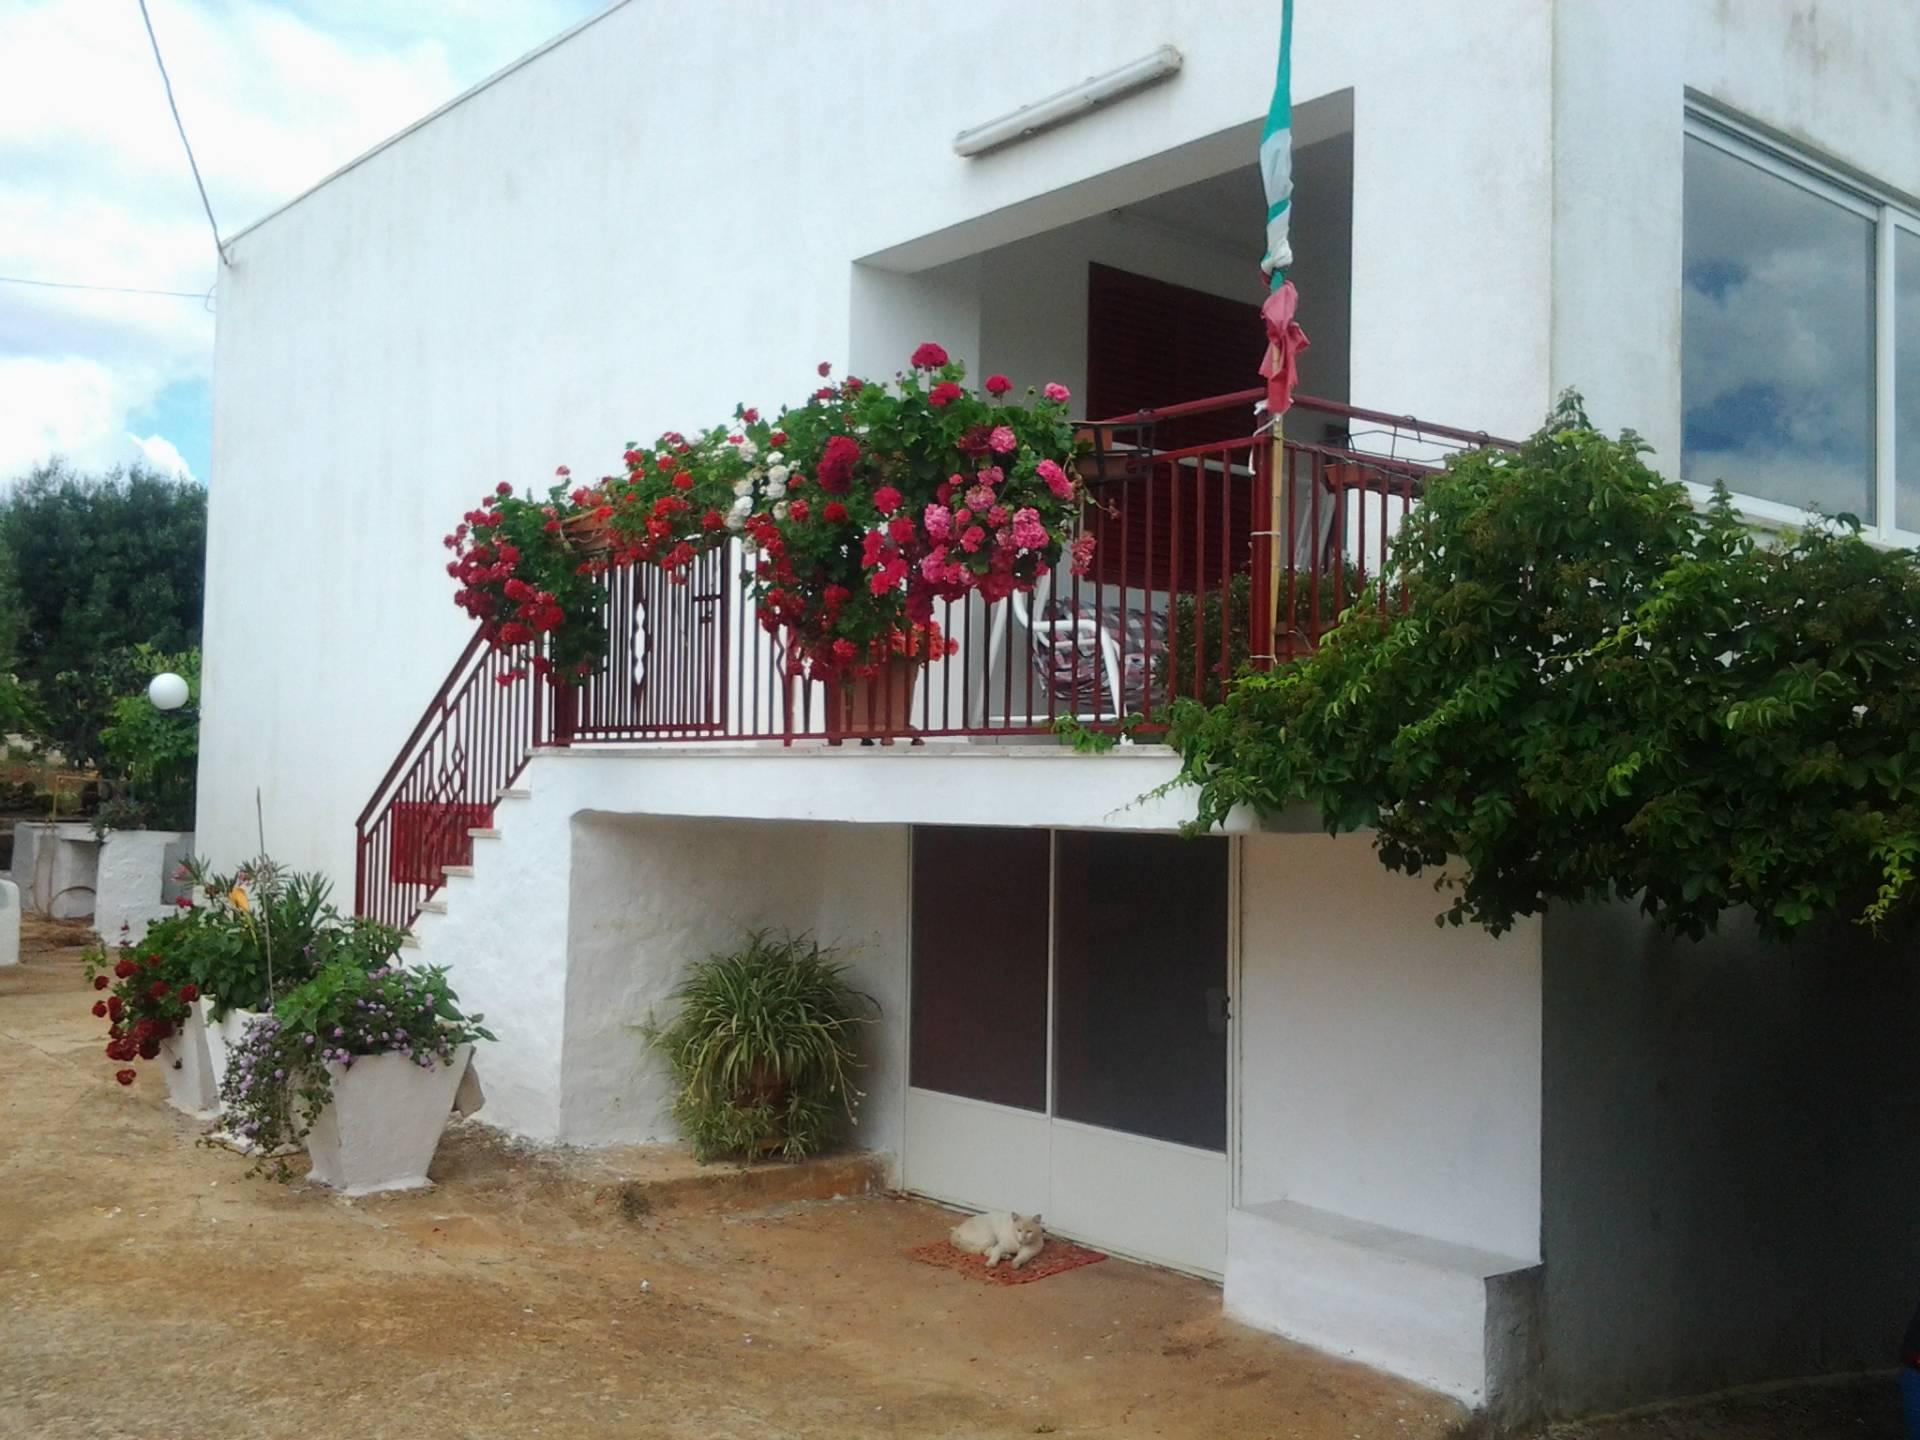 Villa in vendita a Ostuni, 5 locali, prezzo € 120.000 | CambioCasa.it